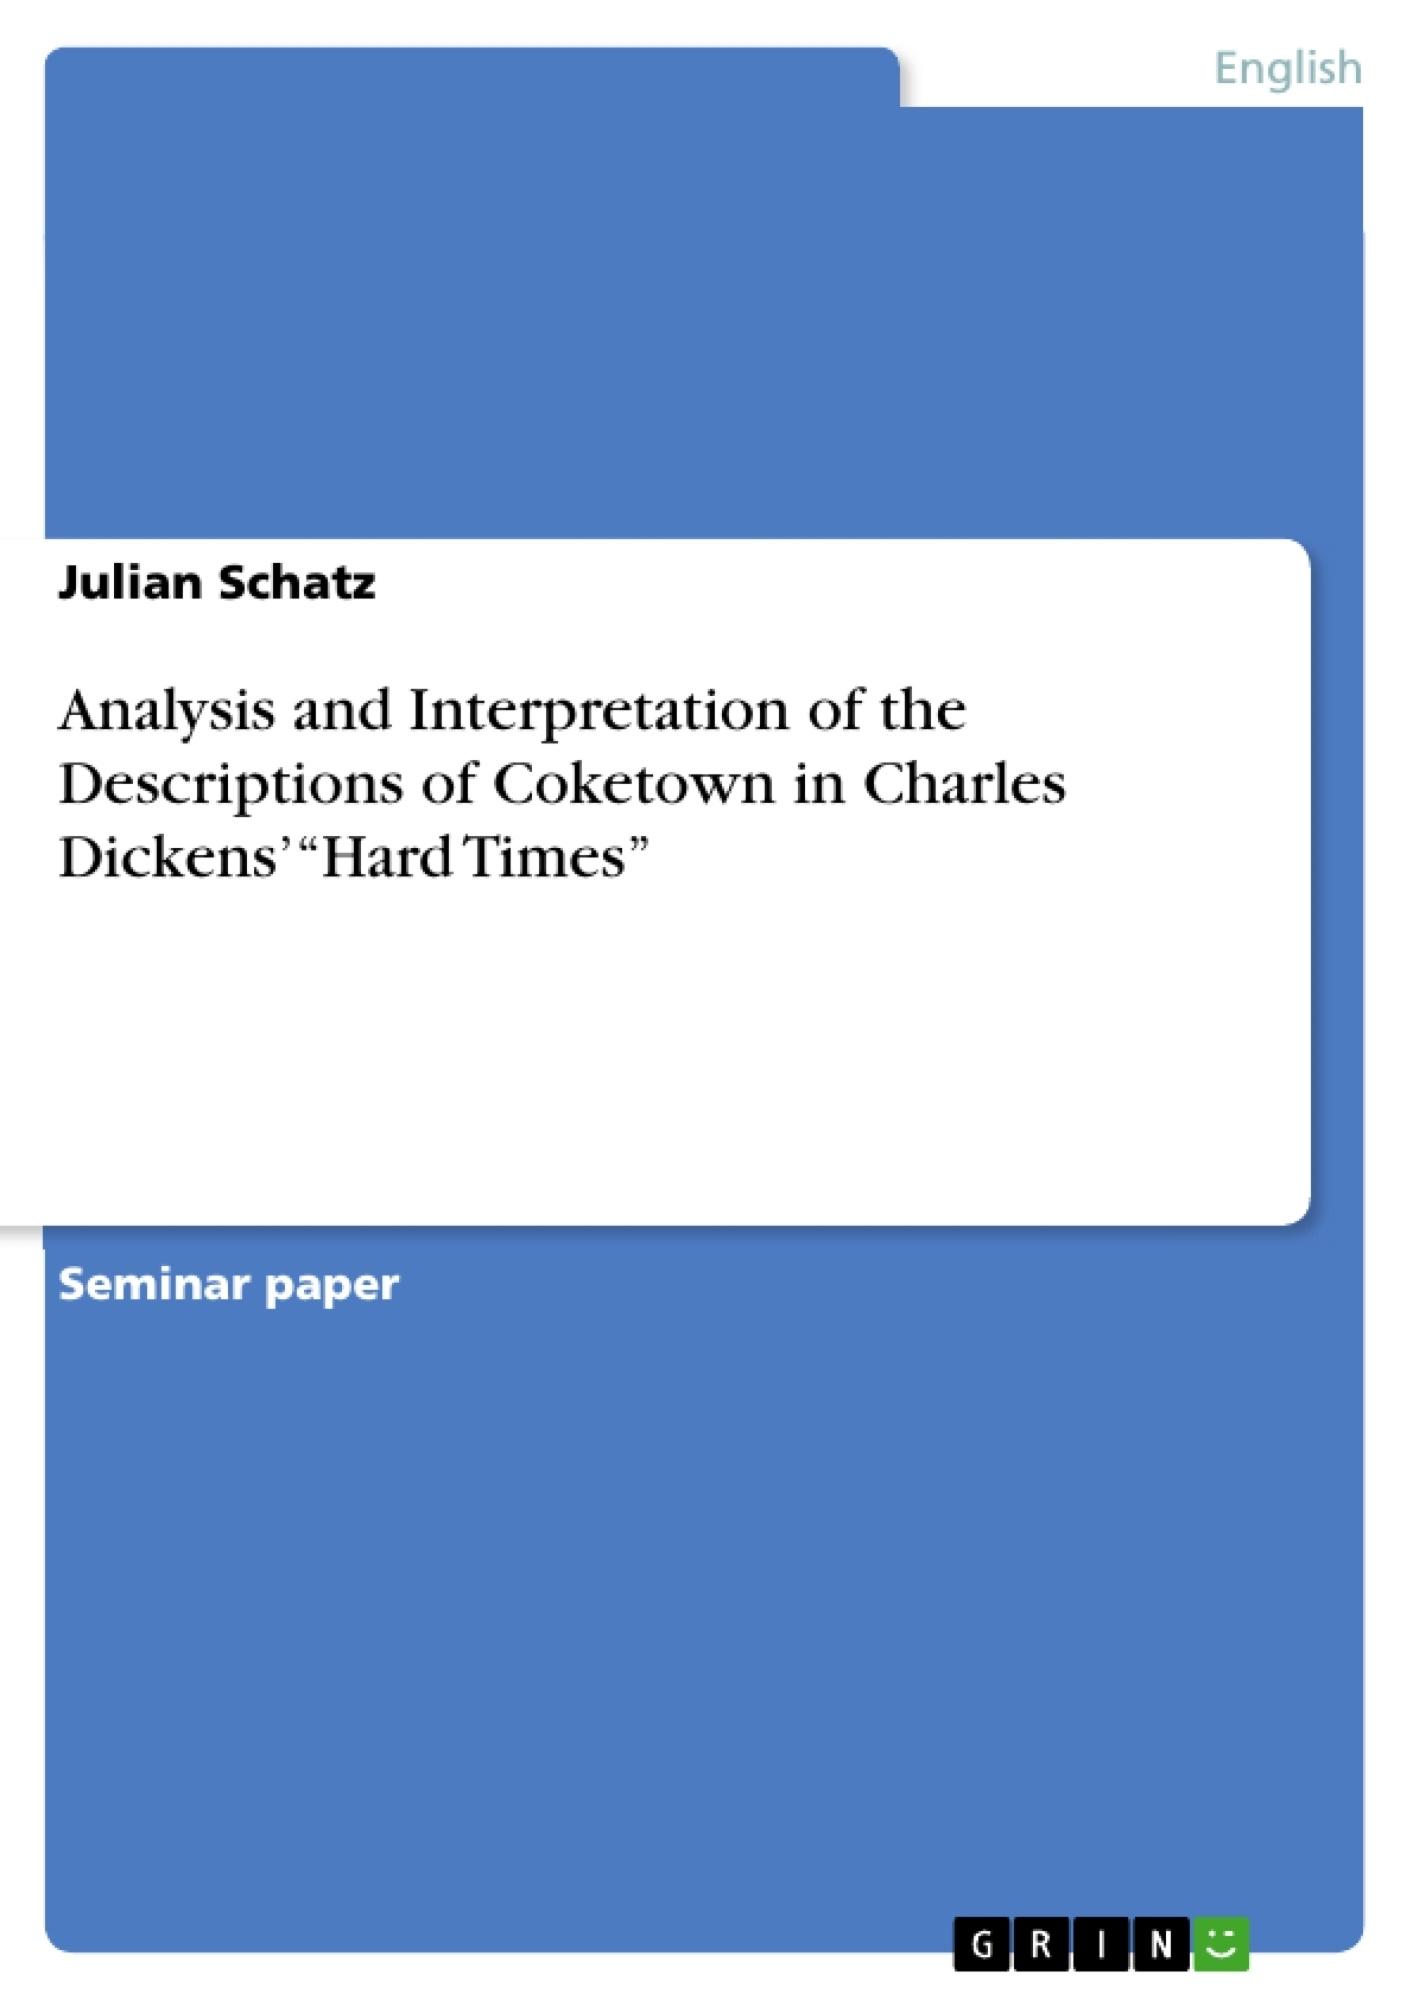 charles dickens coketown essay Riassunto in inglese della descrizione della città industriale di coketown, scritta da charles dickens.